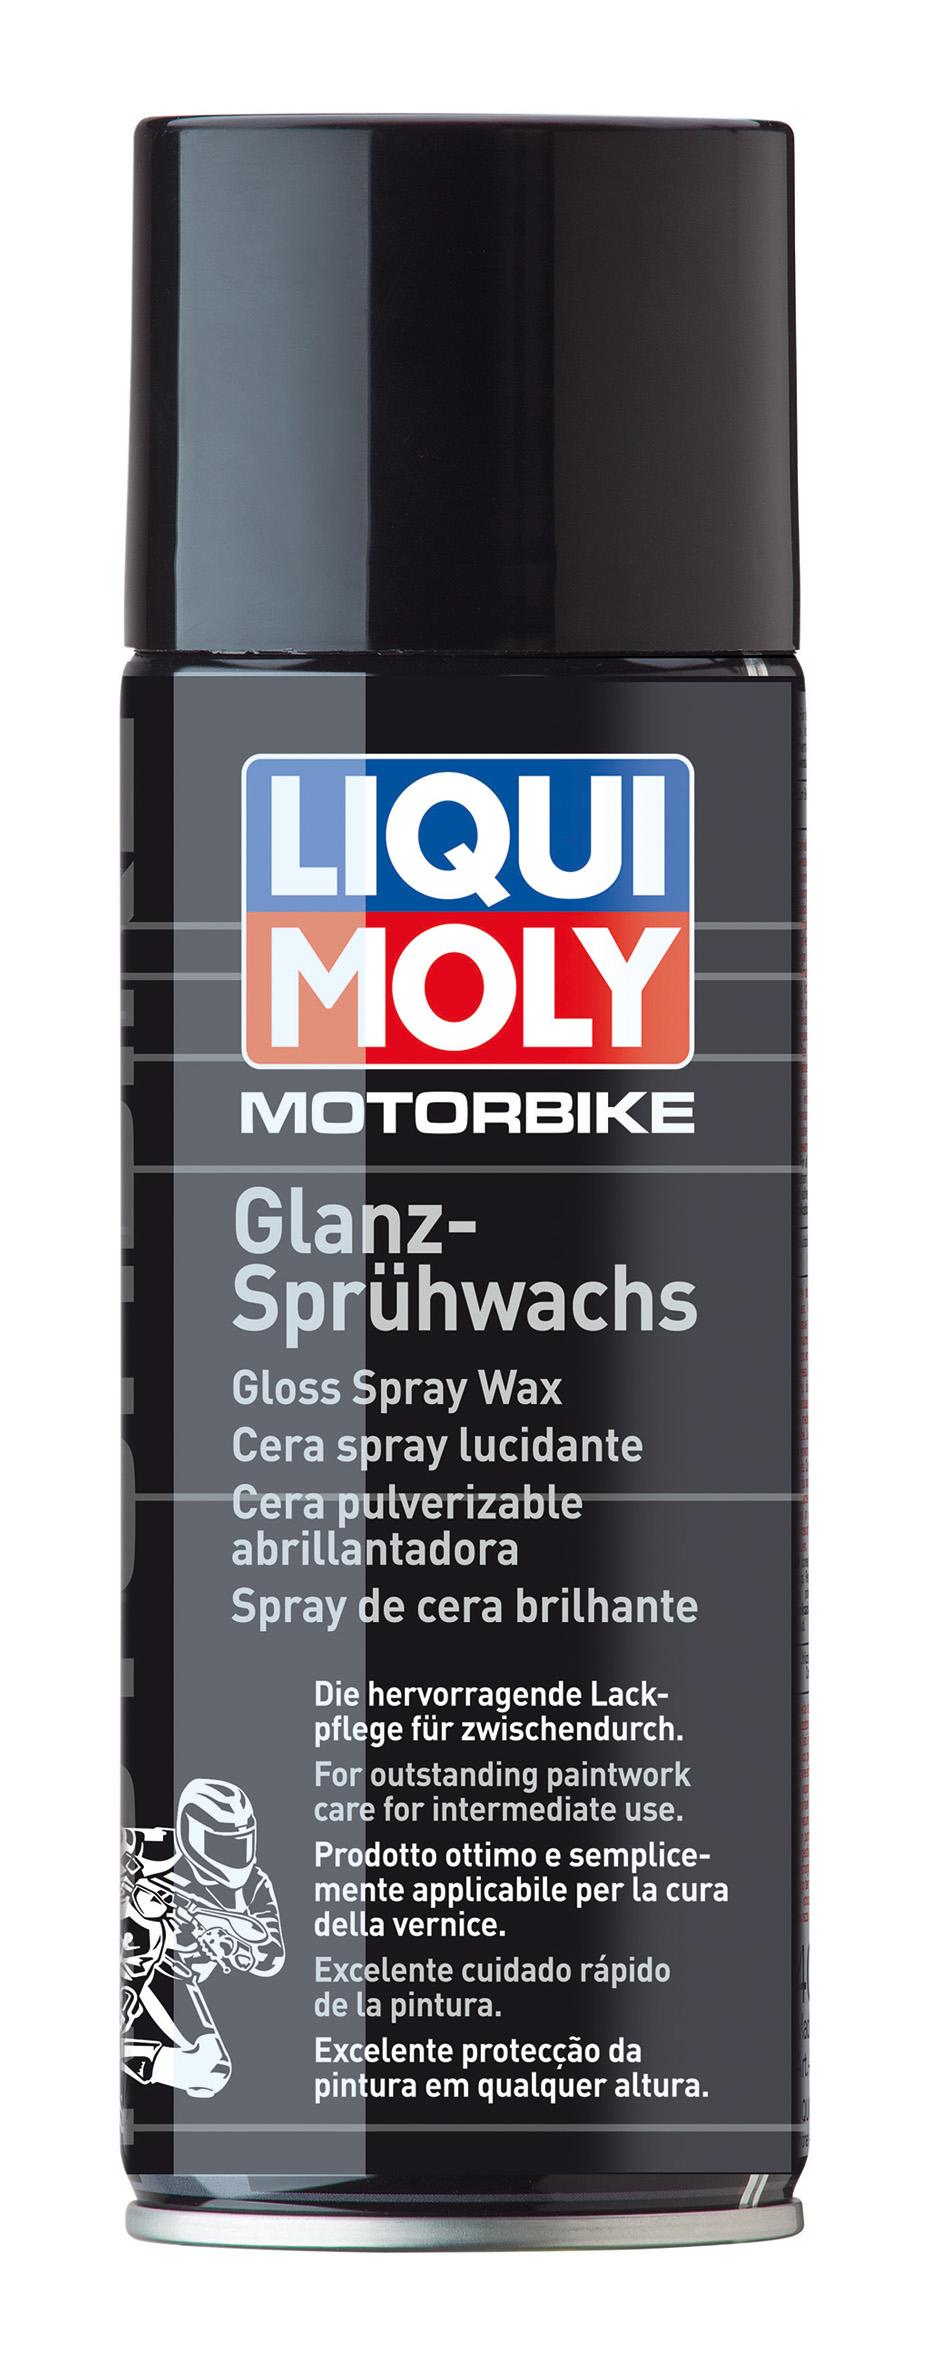 Motorbike Glanz-Sprühwachs - 400ml